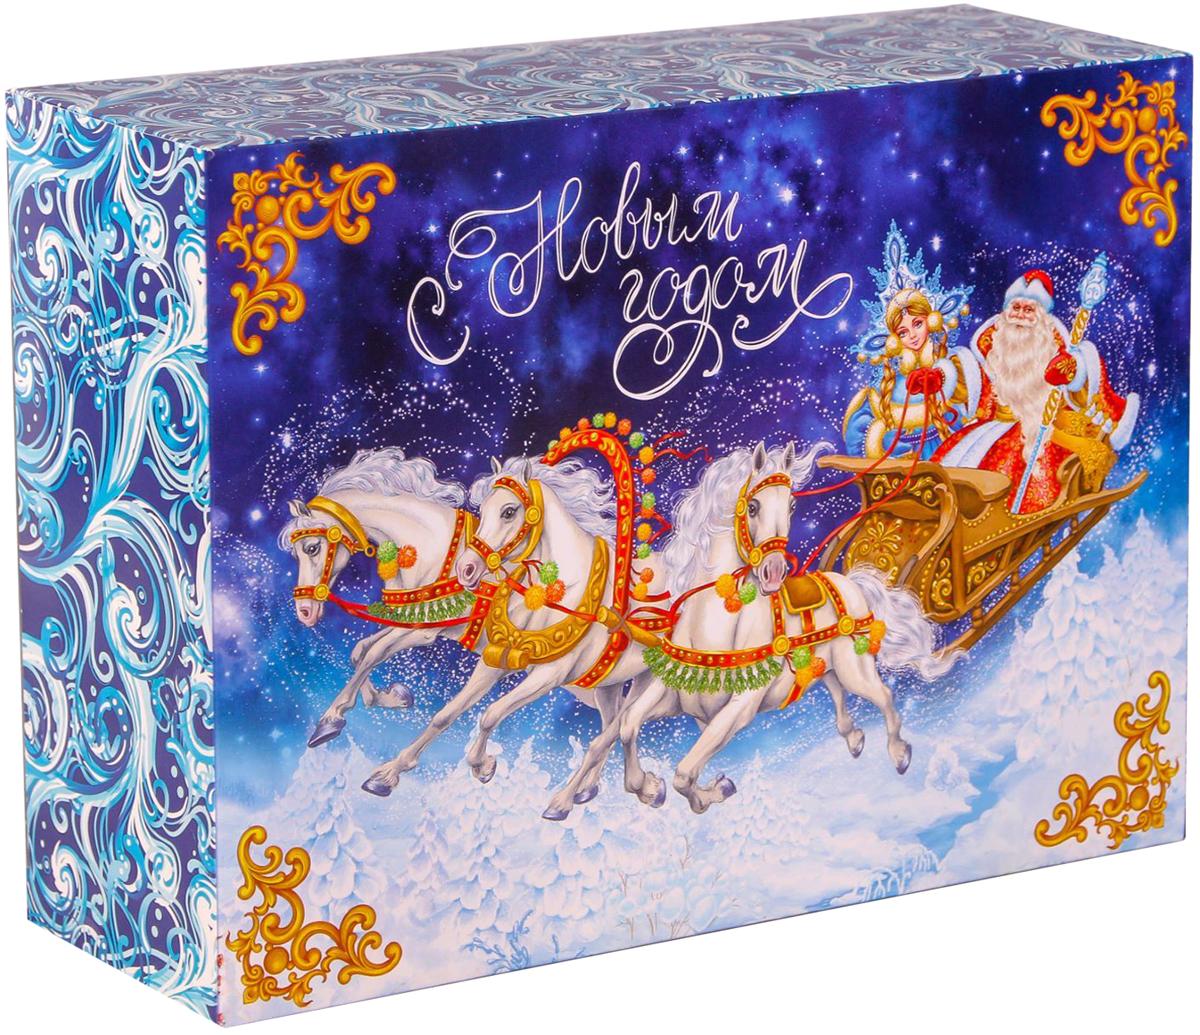 Коробка складная Дарите счастье Тройка лошадей, цвет: синий, белый, 22 х 30 х 10 см2450836Любой подарок начинается с упаковки. Что может быть трогательнее и волшебнее, чем ритуал разворачивания полученного презента. И именно оригинальная, со вкусом выбранная упаковка выделит ваш подарок из массы других. Складная коробка Дарите счастье Зимние мандарины продемонстрирует самые теплые чувства к виновнику торжества и создаст сказочную атмосферу праздника. Размер: 22 х 30 х 10 см.